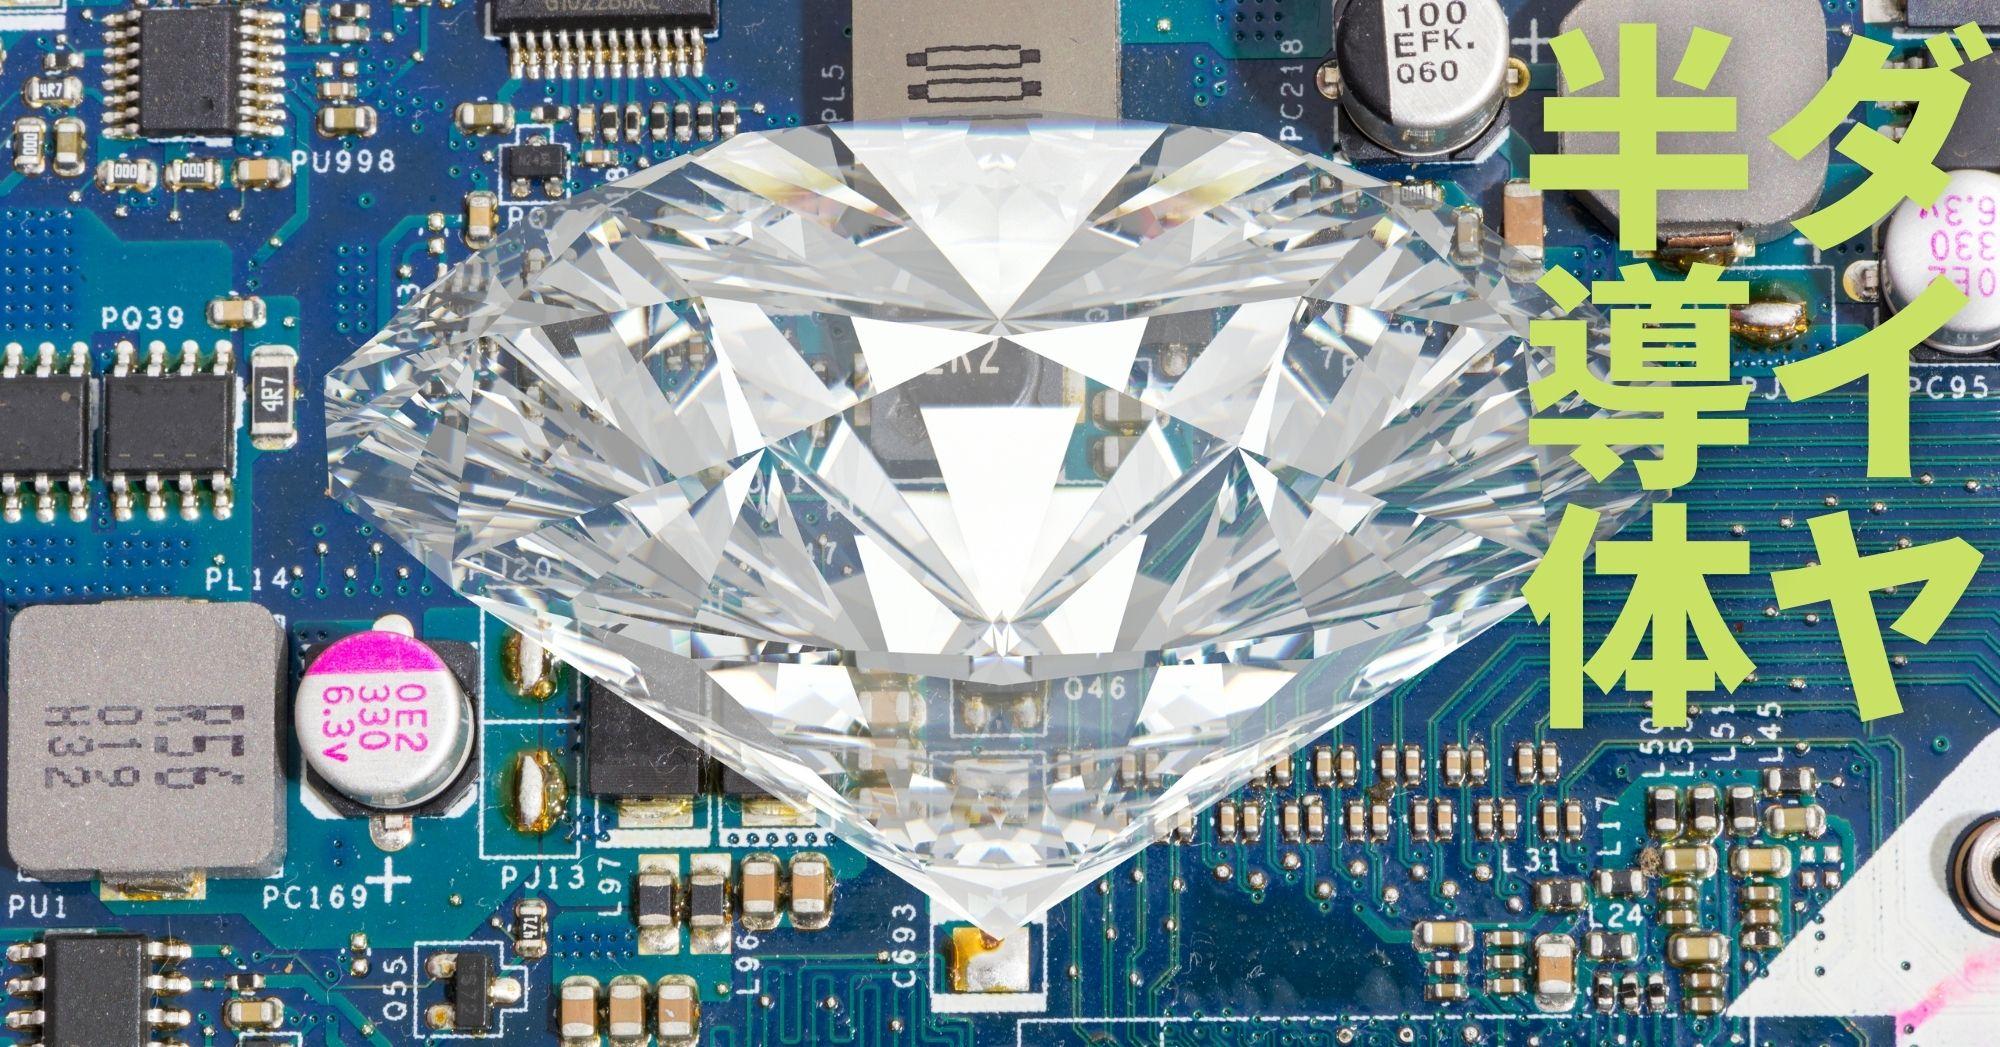 ダイヤを伸ばすと電気が通りやすくなり半導体化する